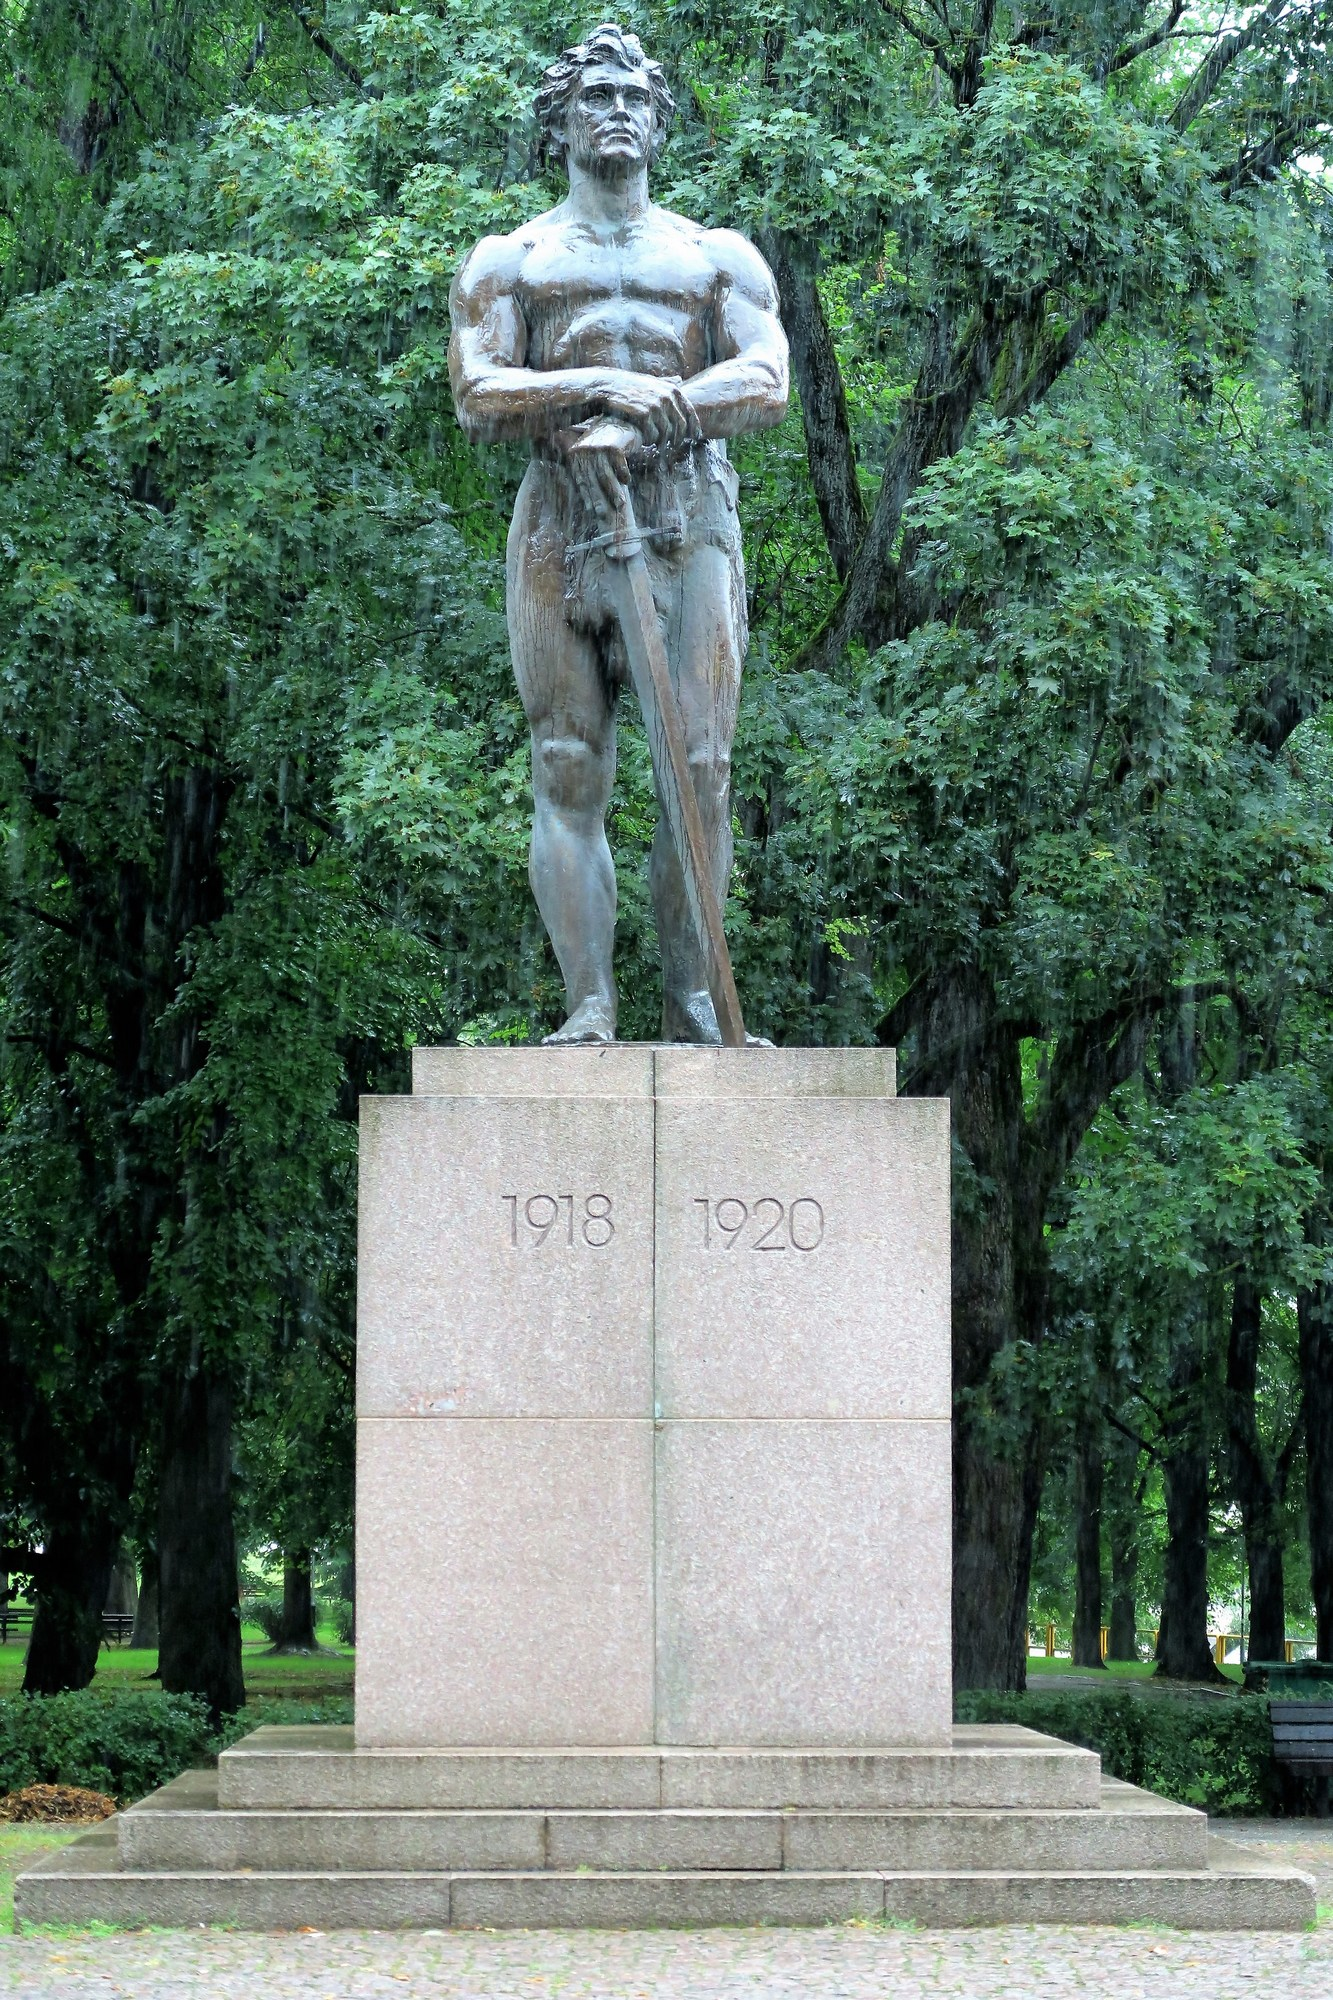 TARTU (EE) : Pour commémorer la guerre d'indépendance de 1918 - 1920 : statue de la Liberté : elle représente Kalevipoeg, (fils de Kalev) héros d'un poème épique, écrit par Friedrich Reinhold Kreutzwald (statue ci-contre)